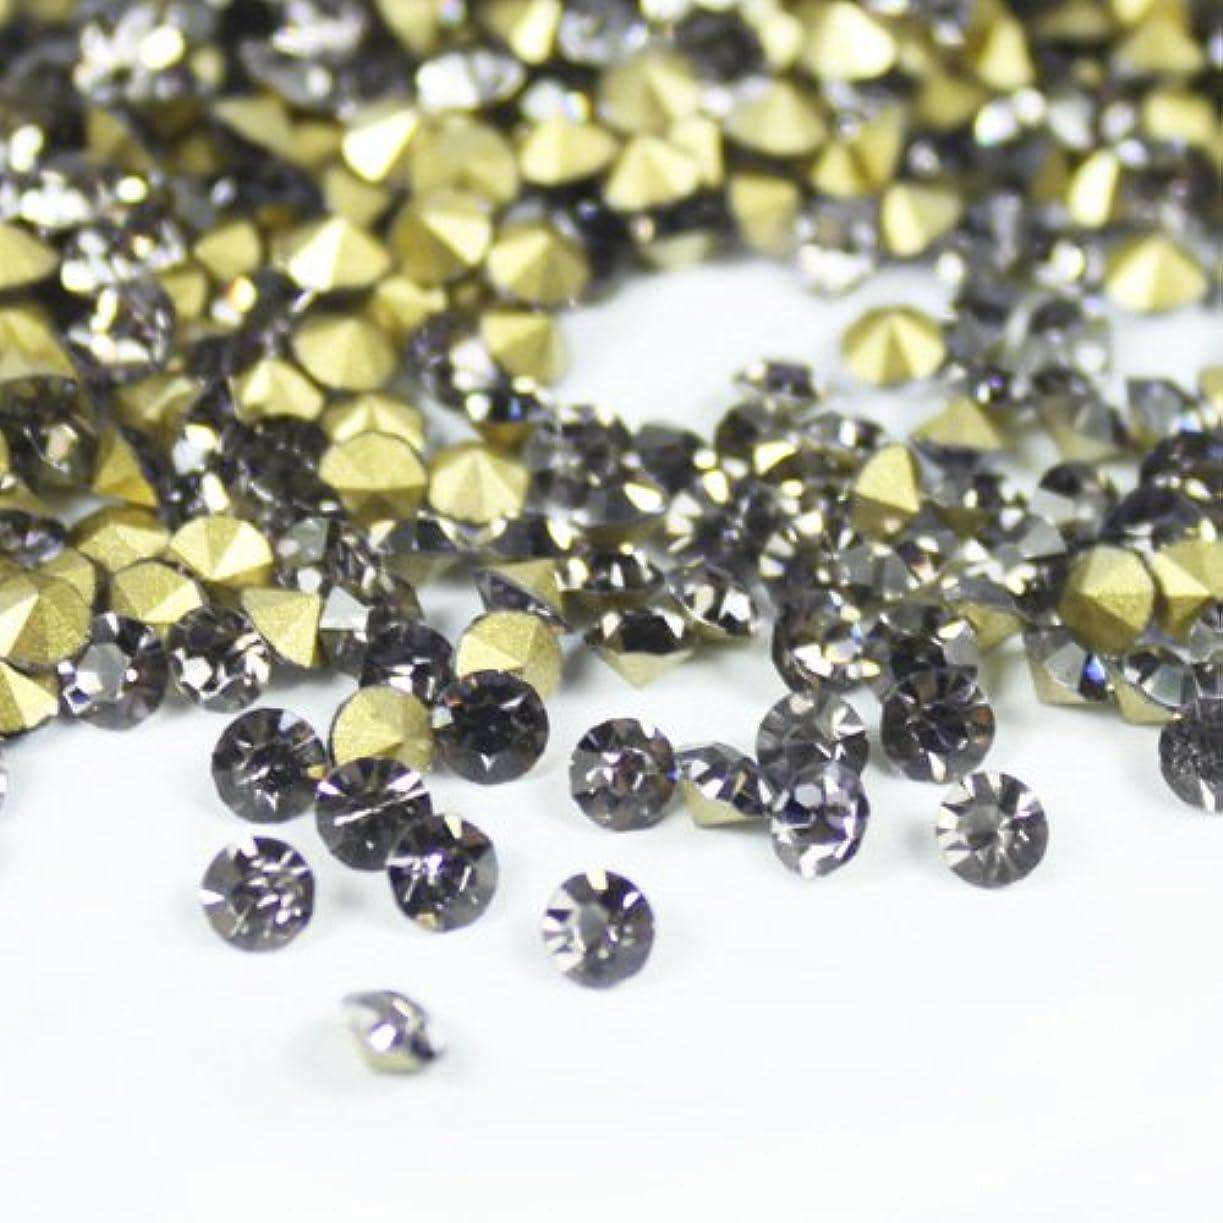 カリキュラムパスタ敵対的ガラス製 Vカットストーン(埋込型)black diamond/ブラックダイアモンド 各サイズ選択可能 (4.0mm (SS16) 約1440粒) [並行輸入品]